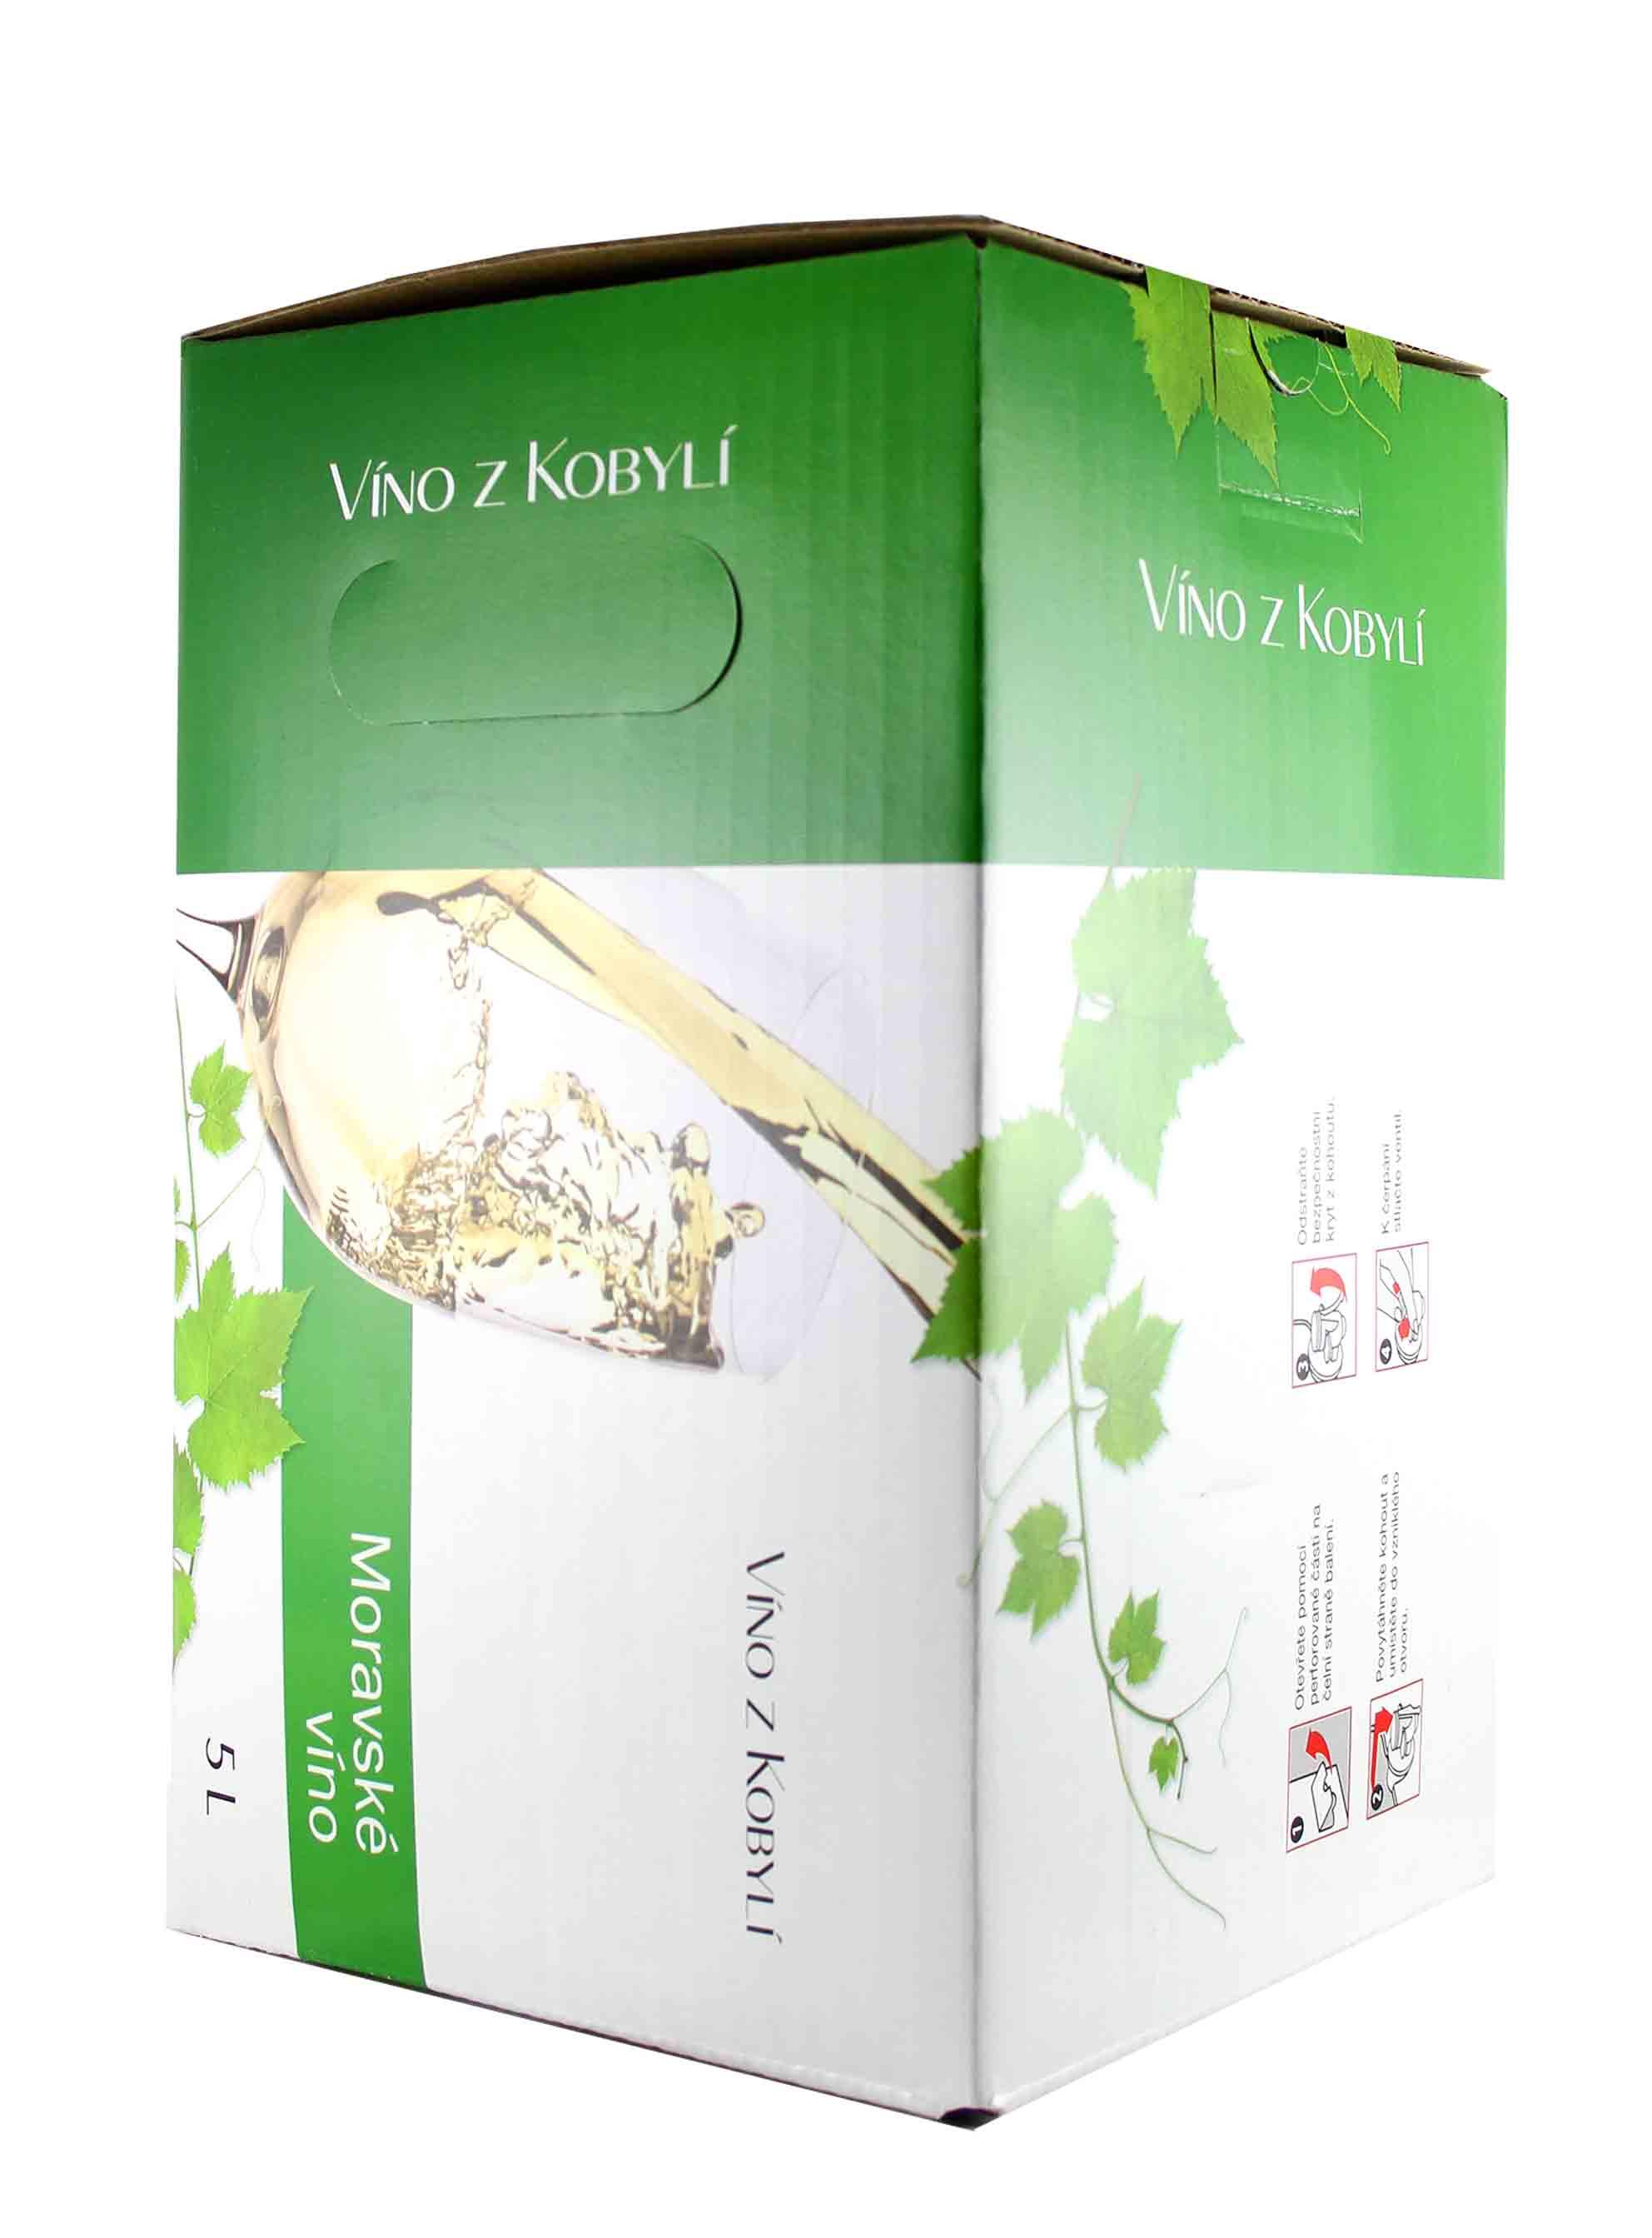 Veltlínské zelené, Bag in Box, Jakostní odrůdové, Patria Kobylí, 5 l